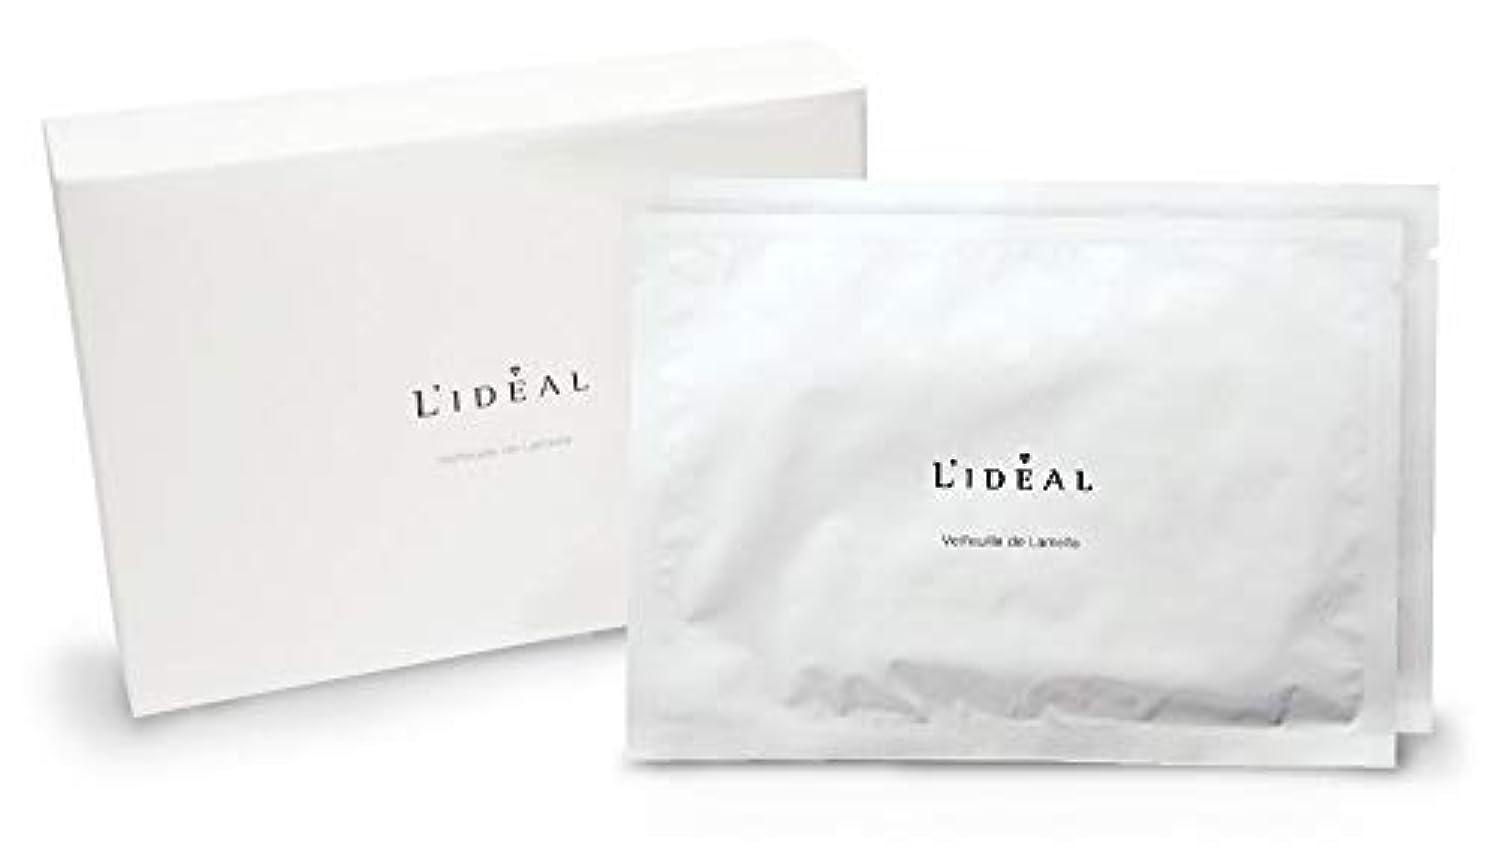 適応涙同級生リディアル (L'ideal) フィーユ デ ラメラ 10枚セット(箱付き) [並行輸入品]